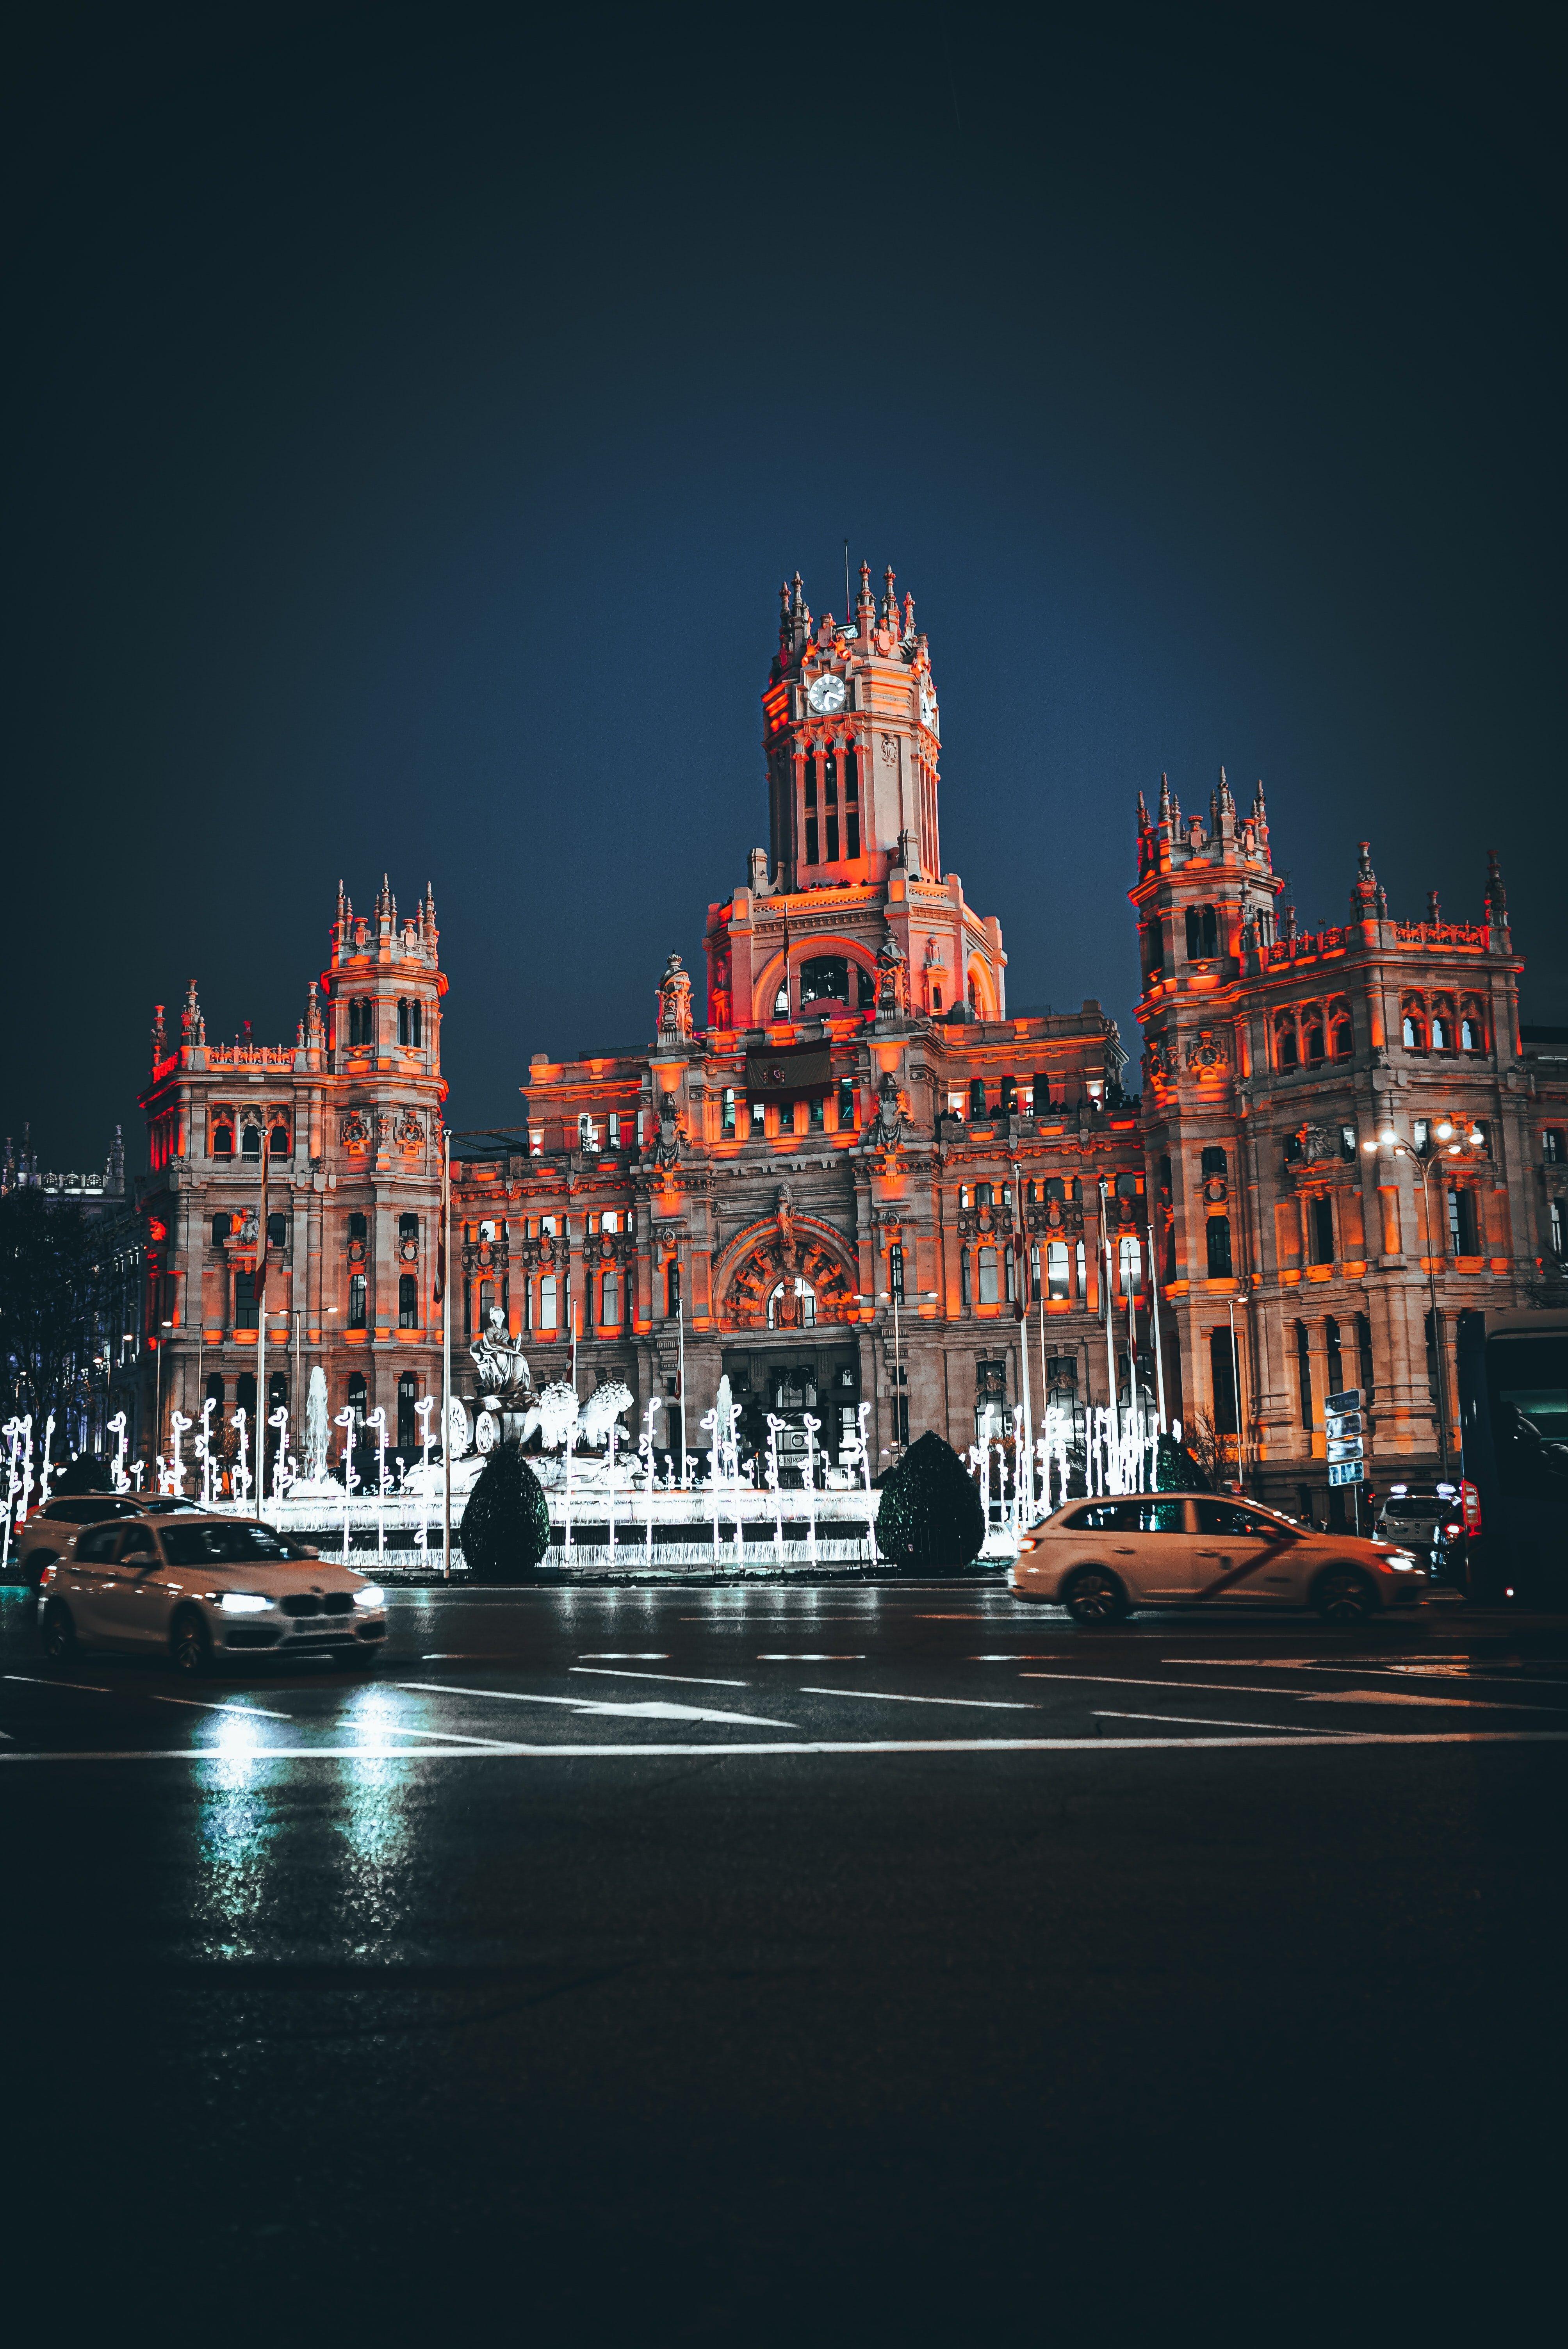 Image of Madrid, Spain